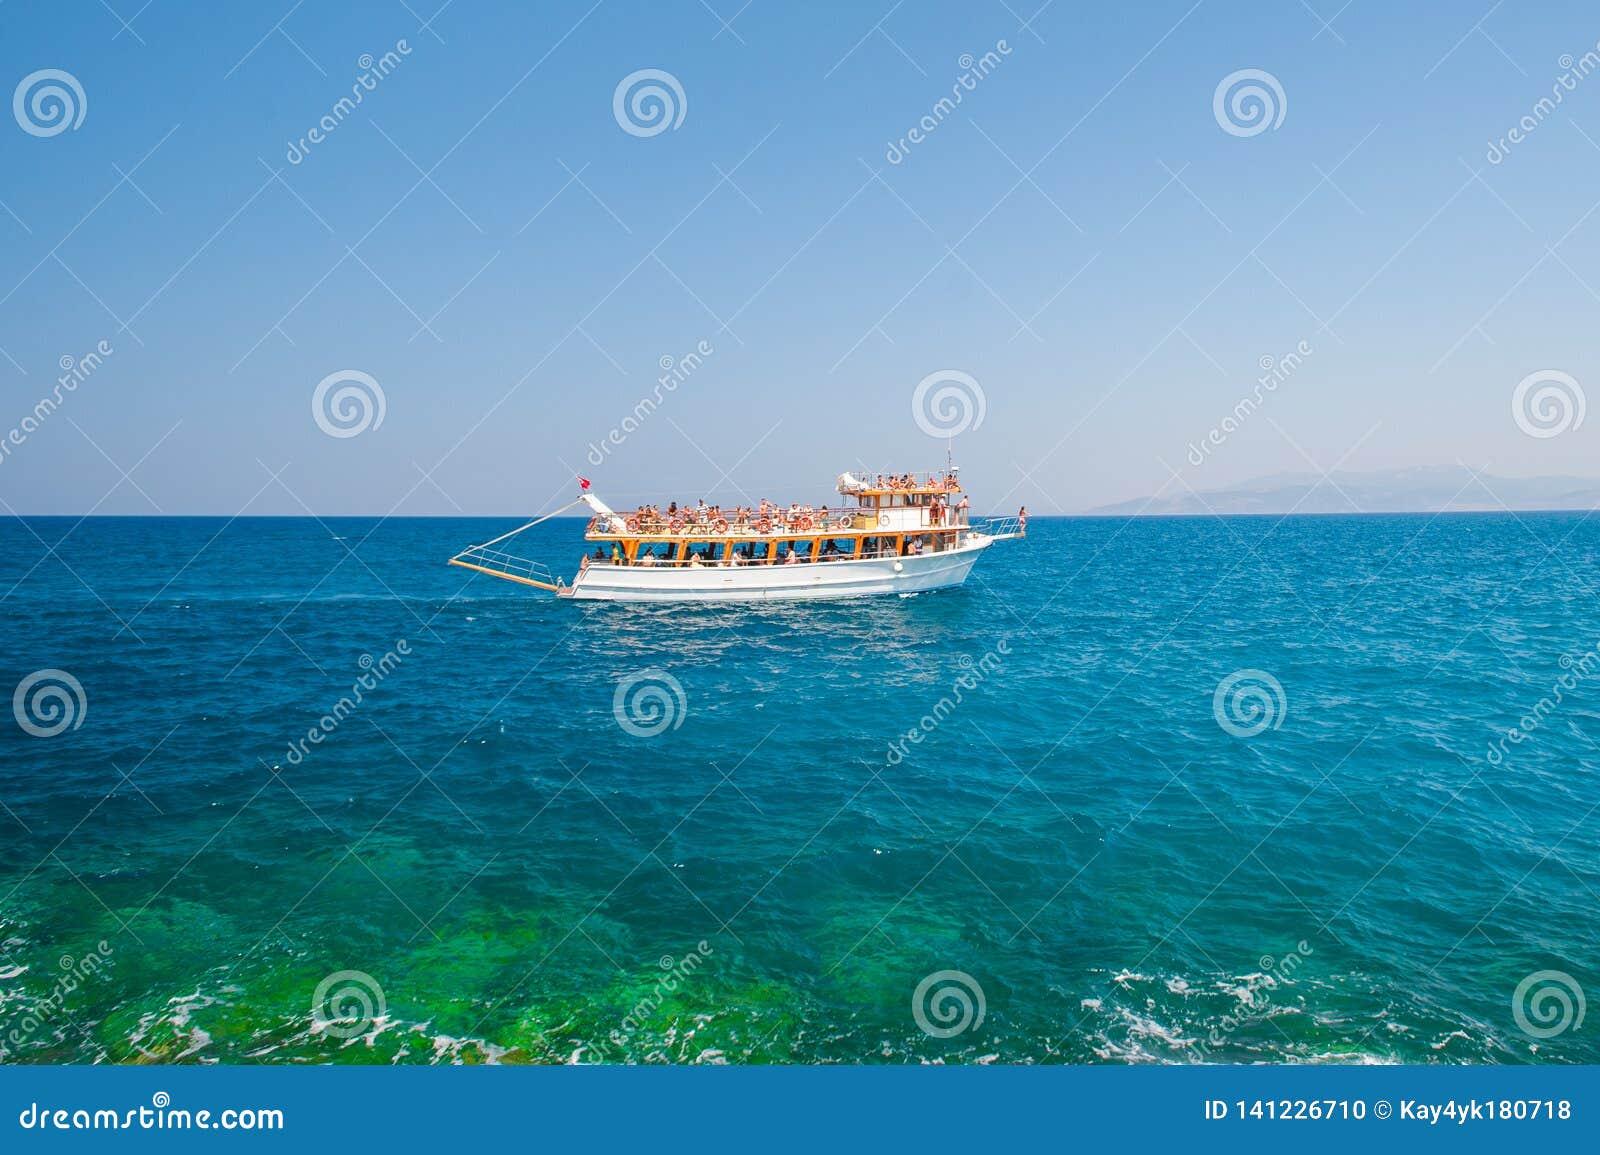 Barco branco, navio, iate, navegando com os turistas ao longo da costa